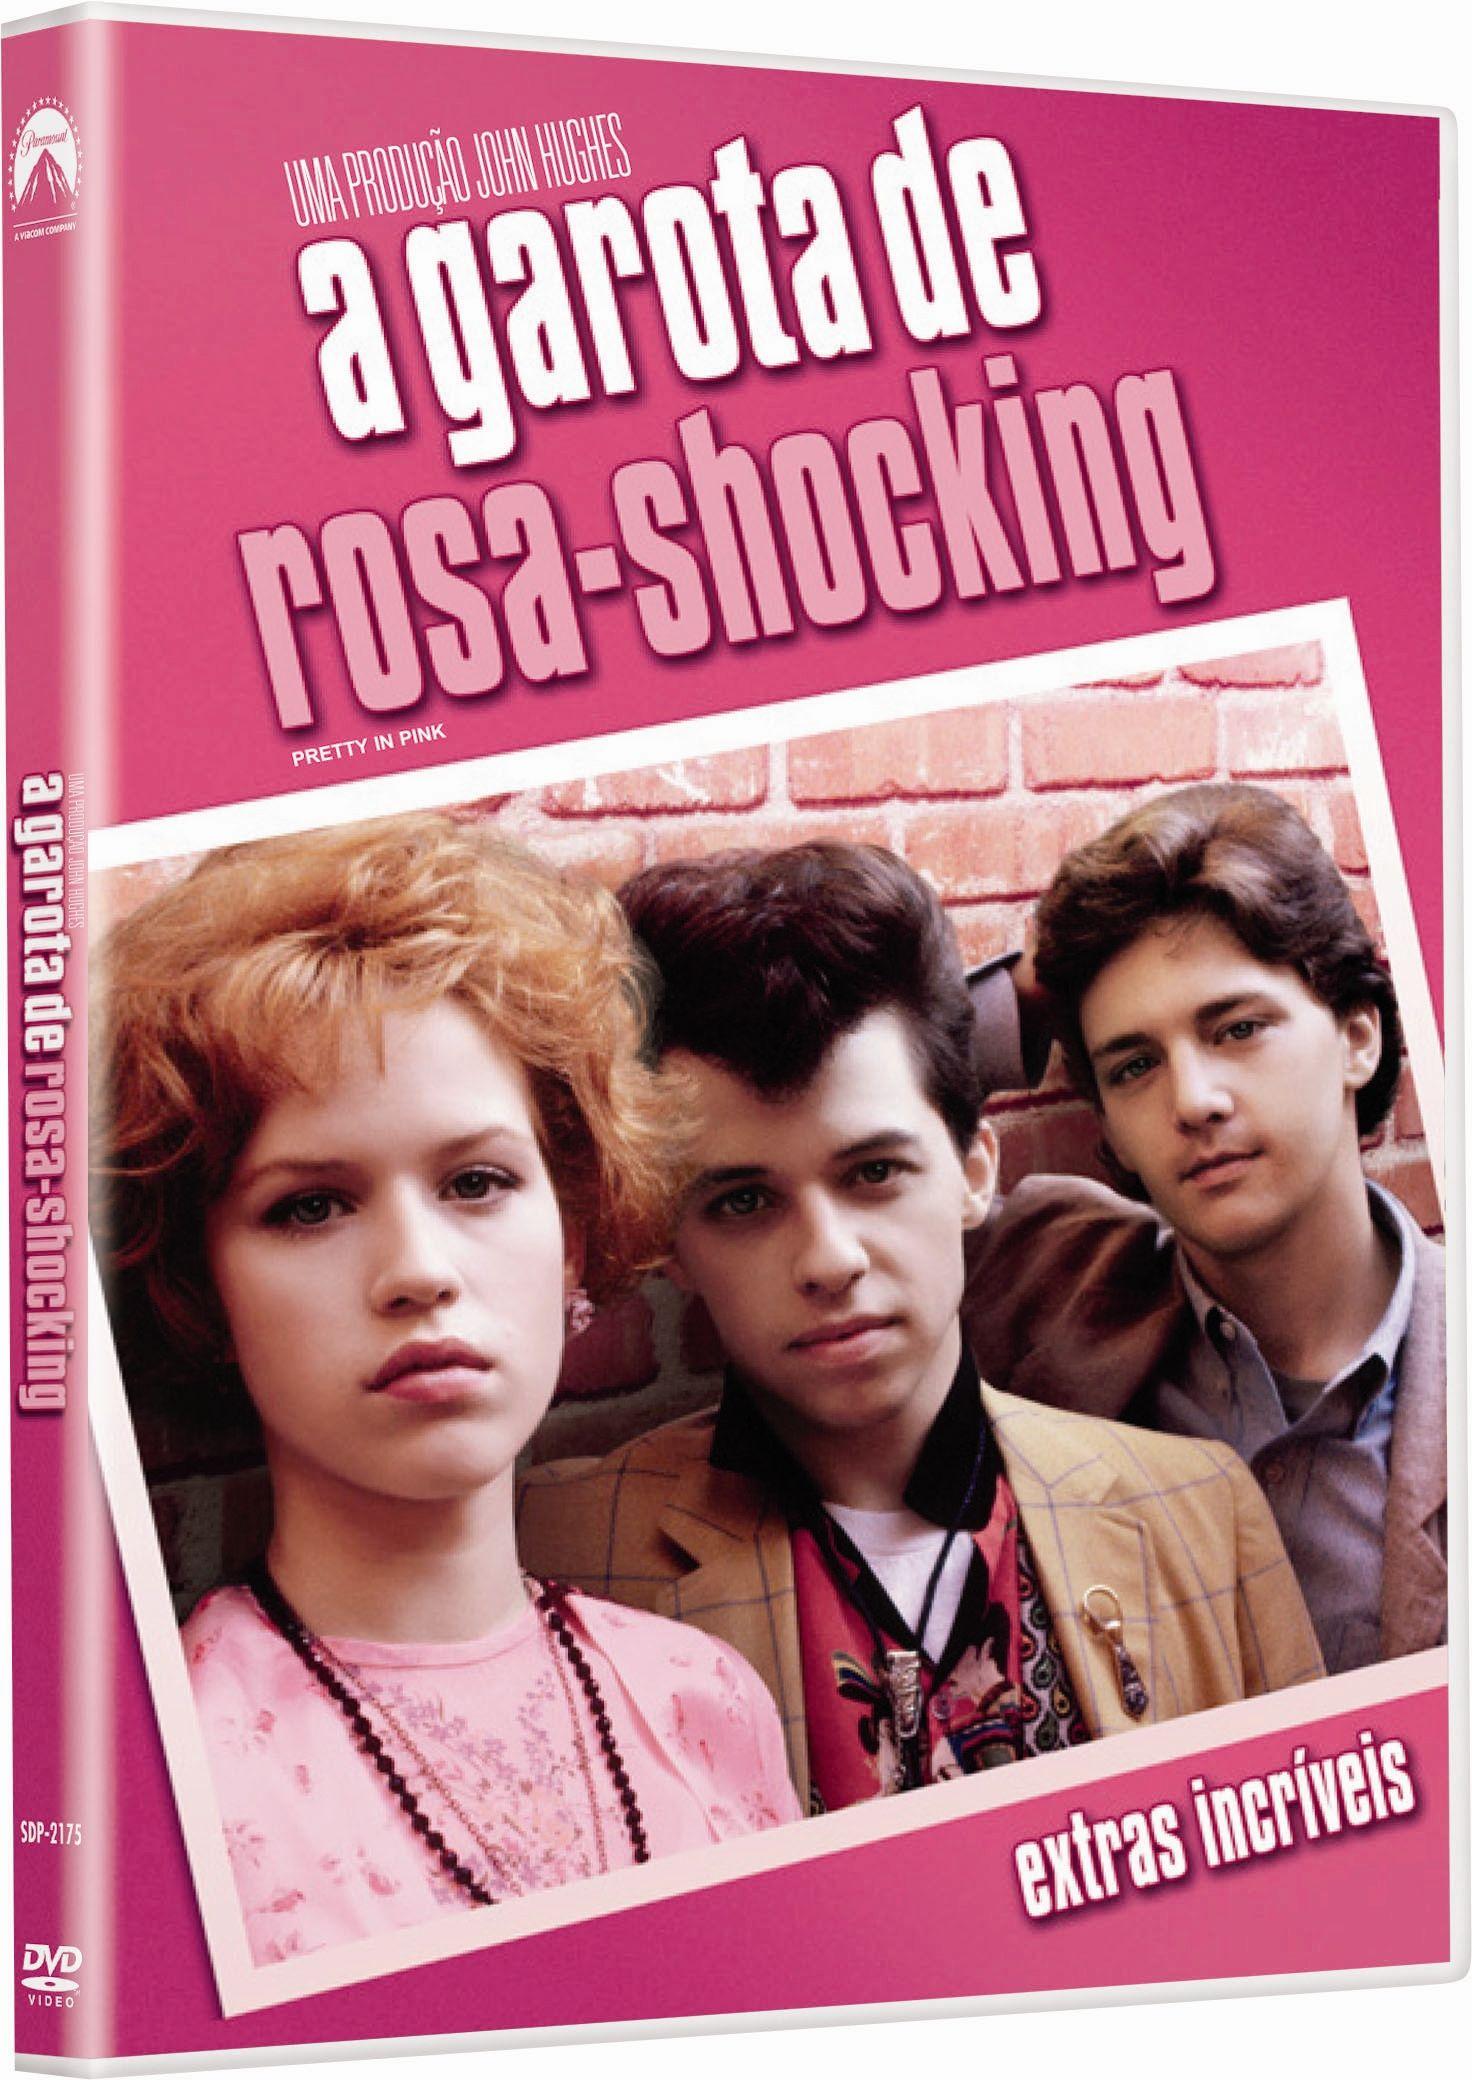 Filmes Anos 80 Com Imagens Filmes Anos 80 Filmes A Garota De